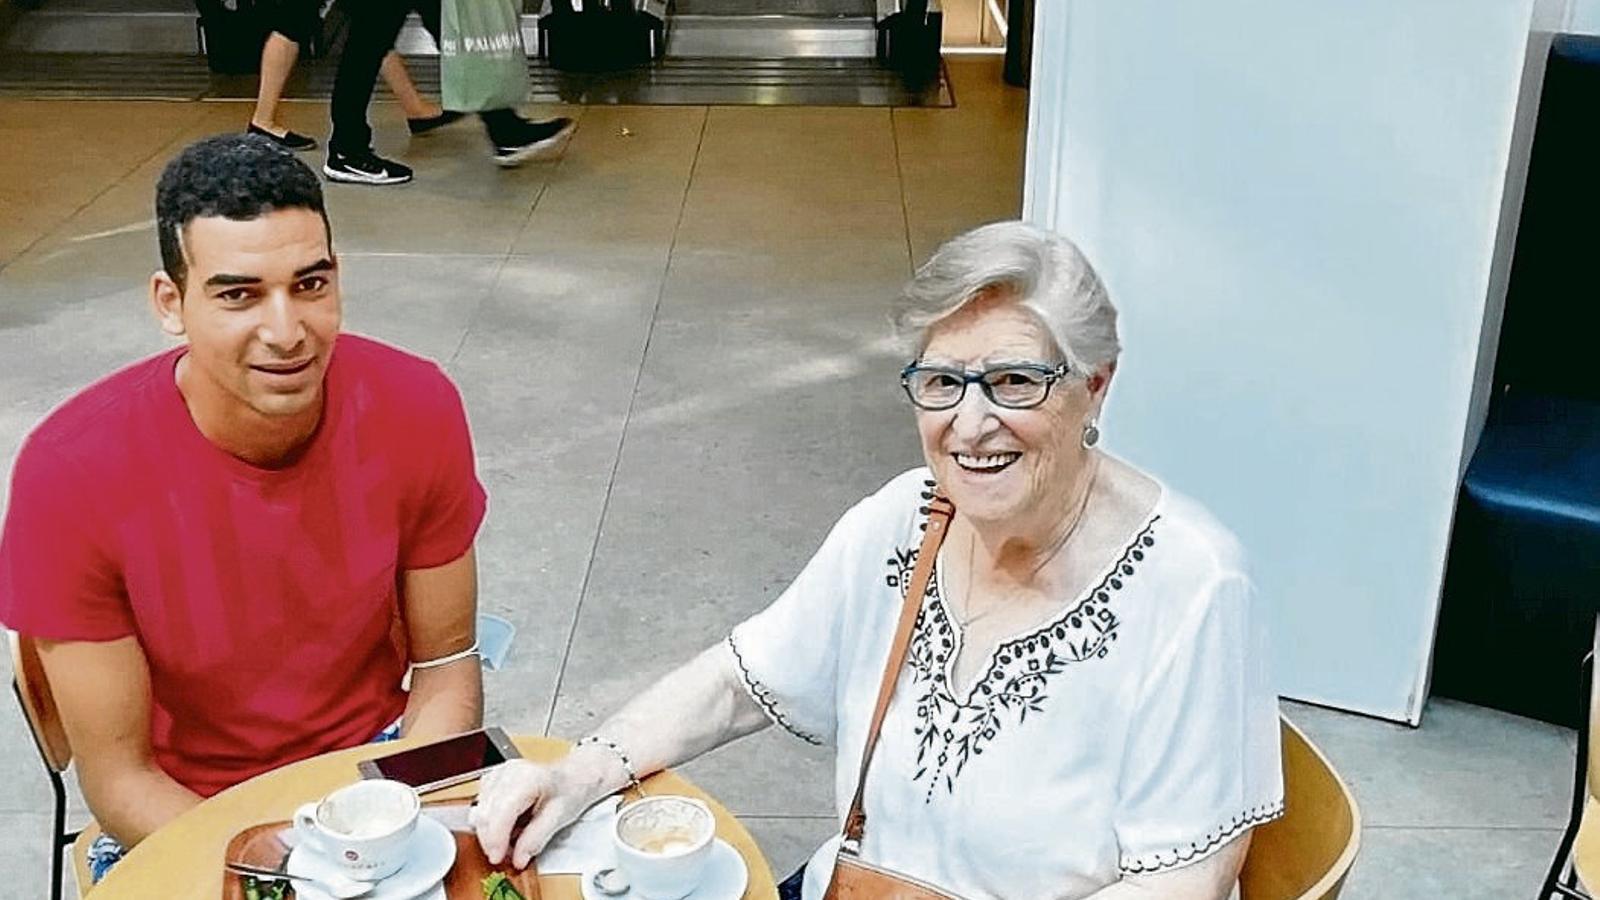 Vicky Molins amb el Bakali en un bar just el dia que ell va sortir de la presó, on es van conèixer.